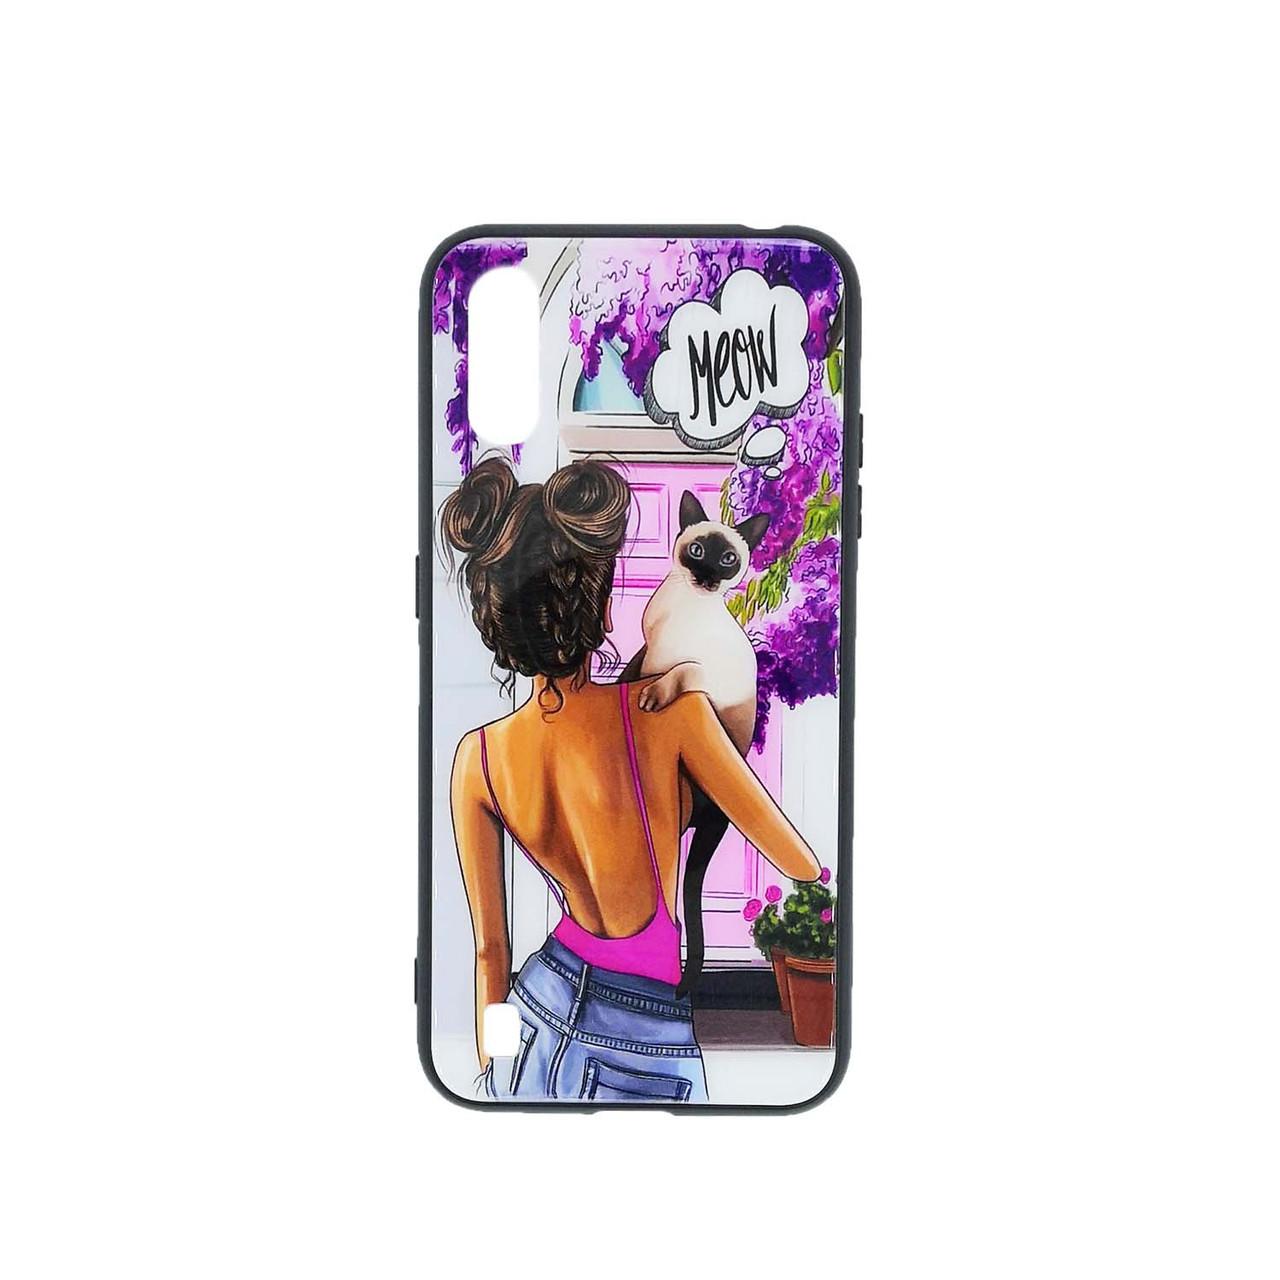 Яркий чехол для Samsung Galaxy A01 A015 со стильным принтом Girl Case, Meow